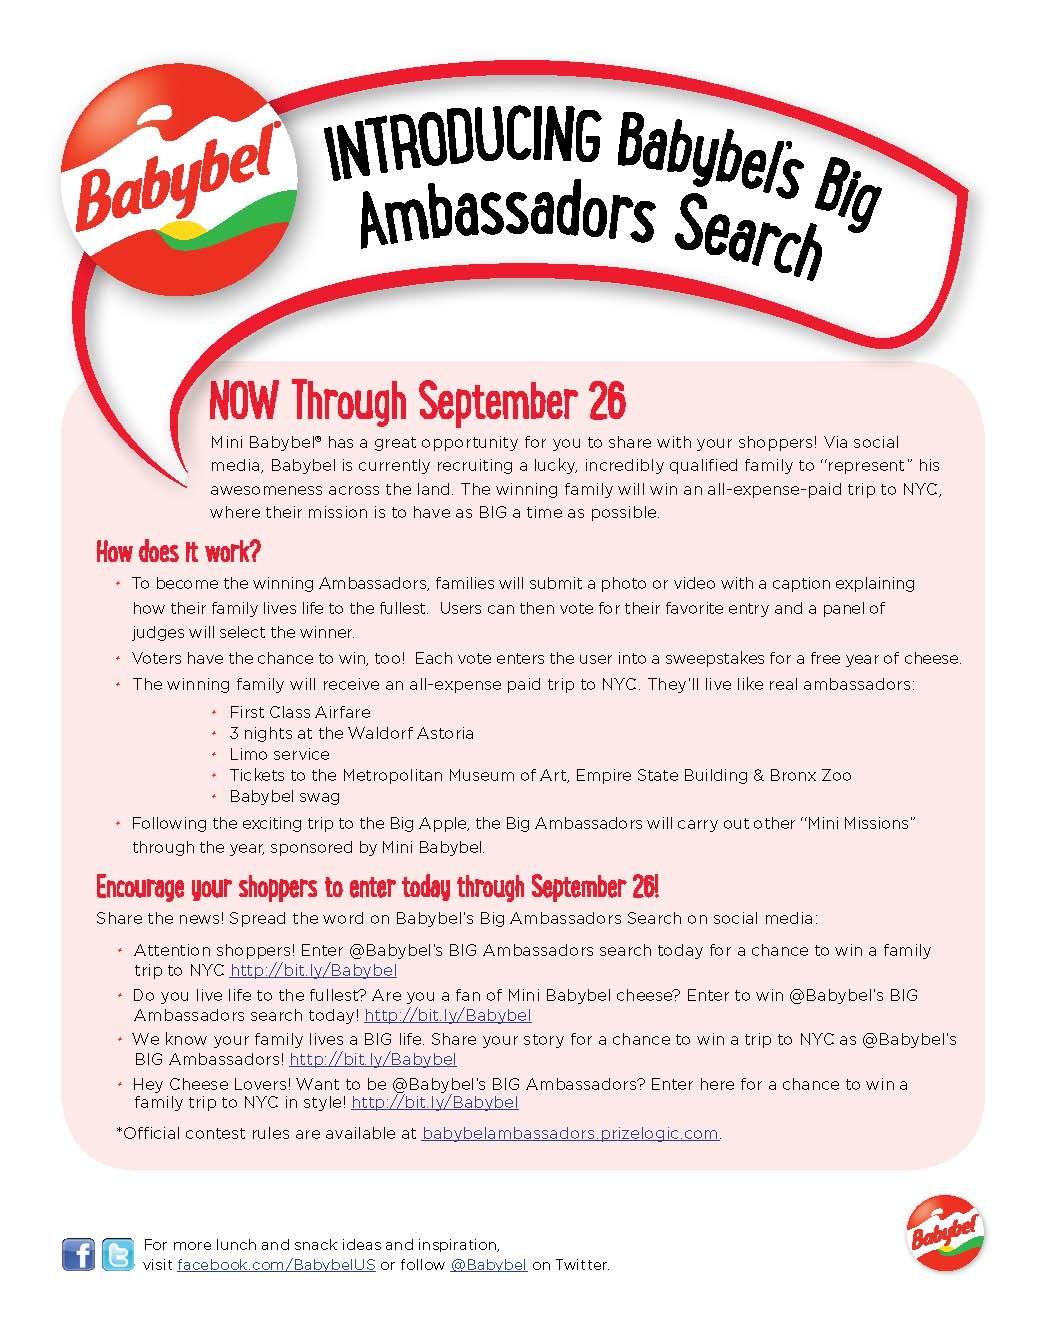 Babybel_Newsletter_Ambassador_v4